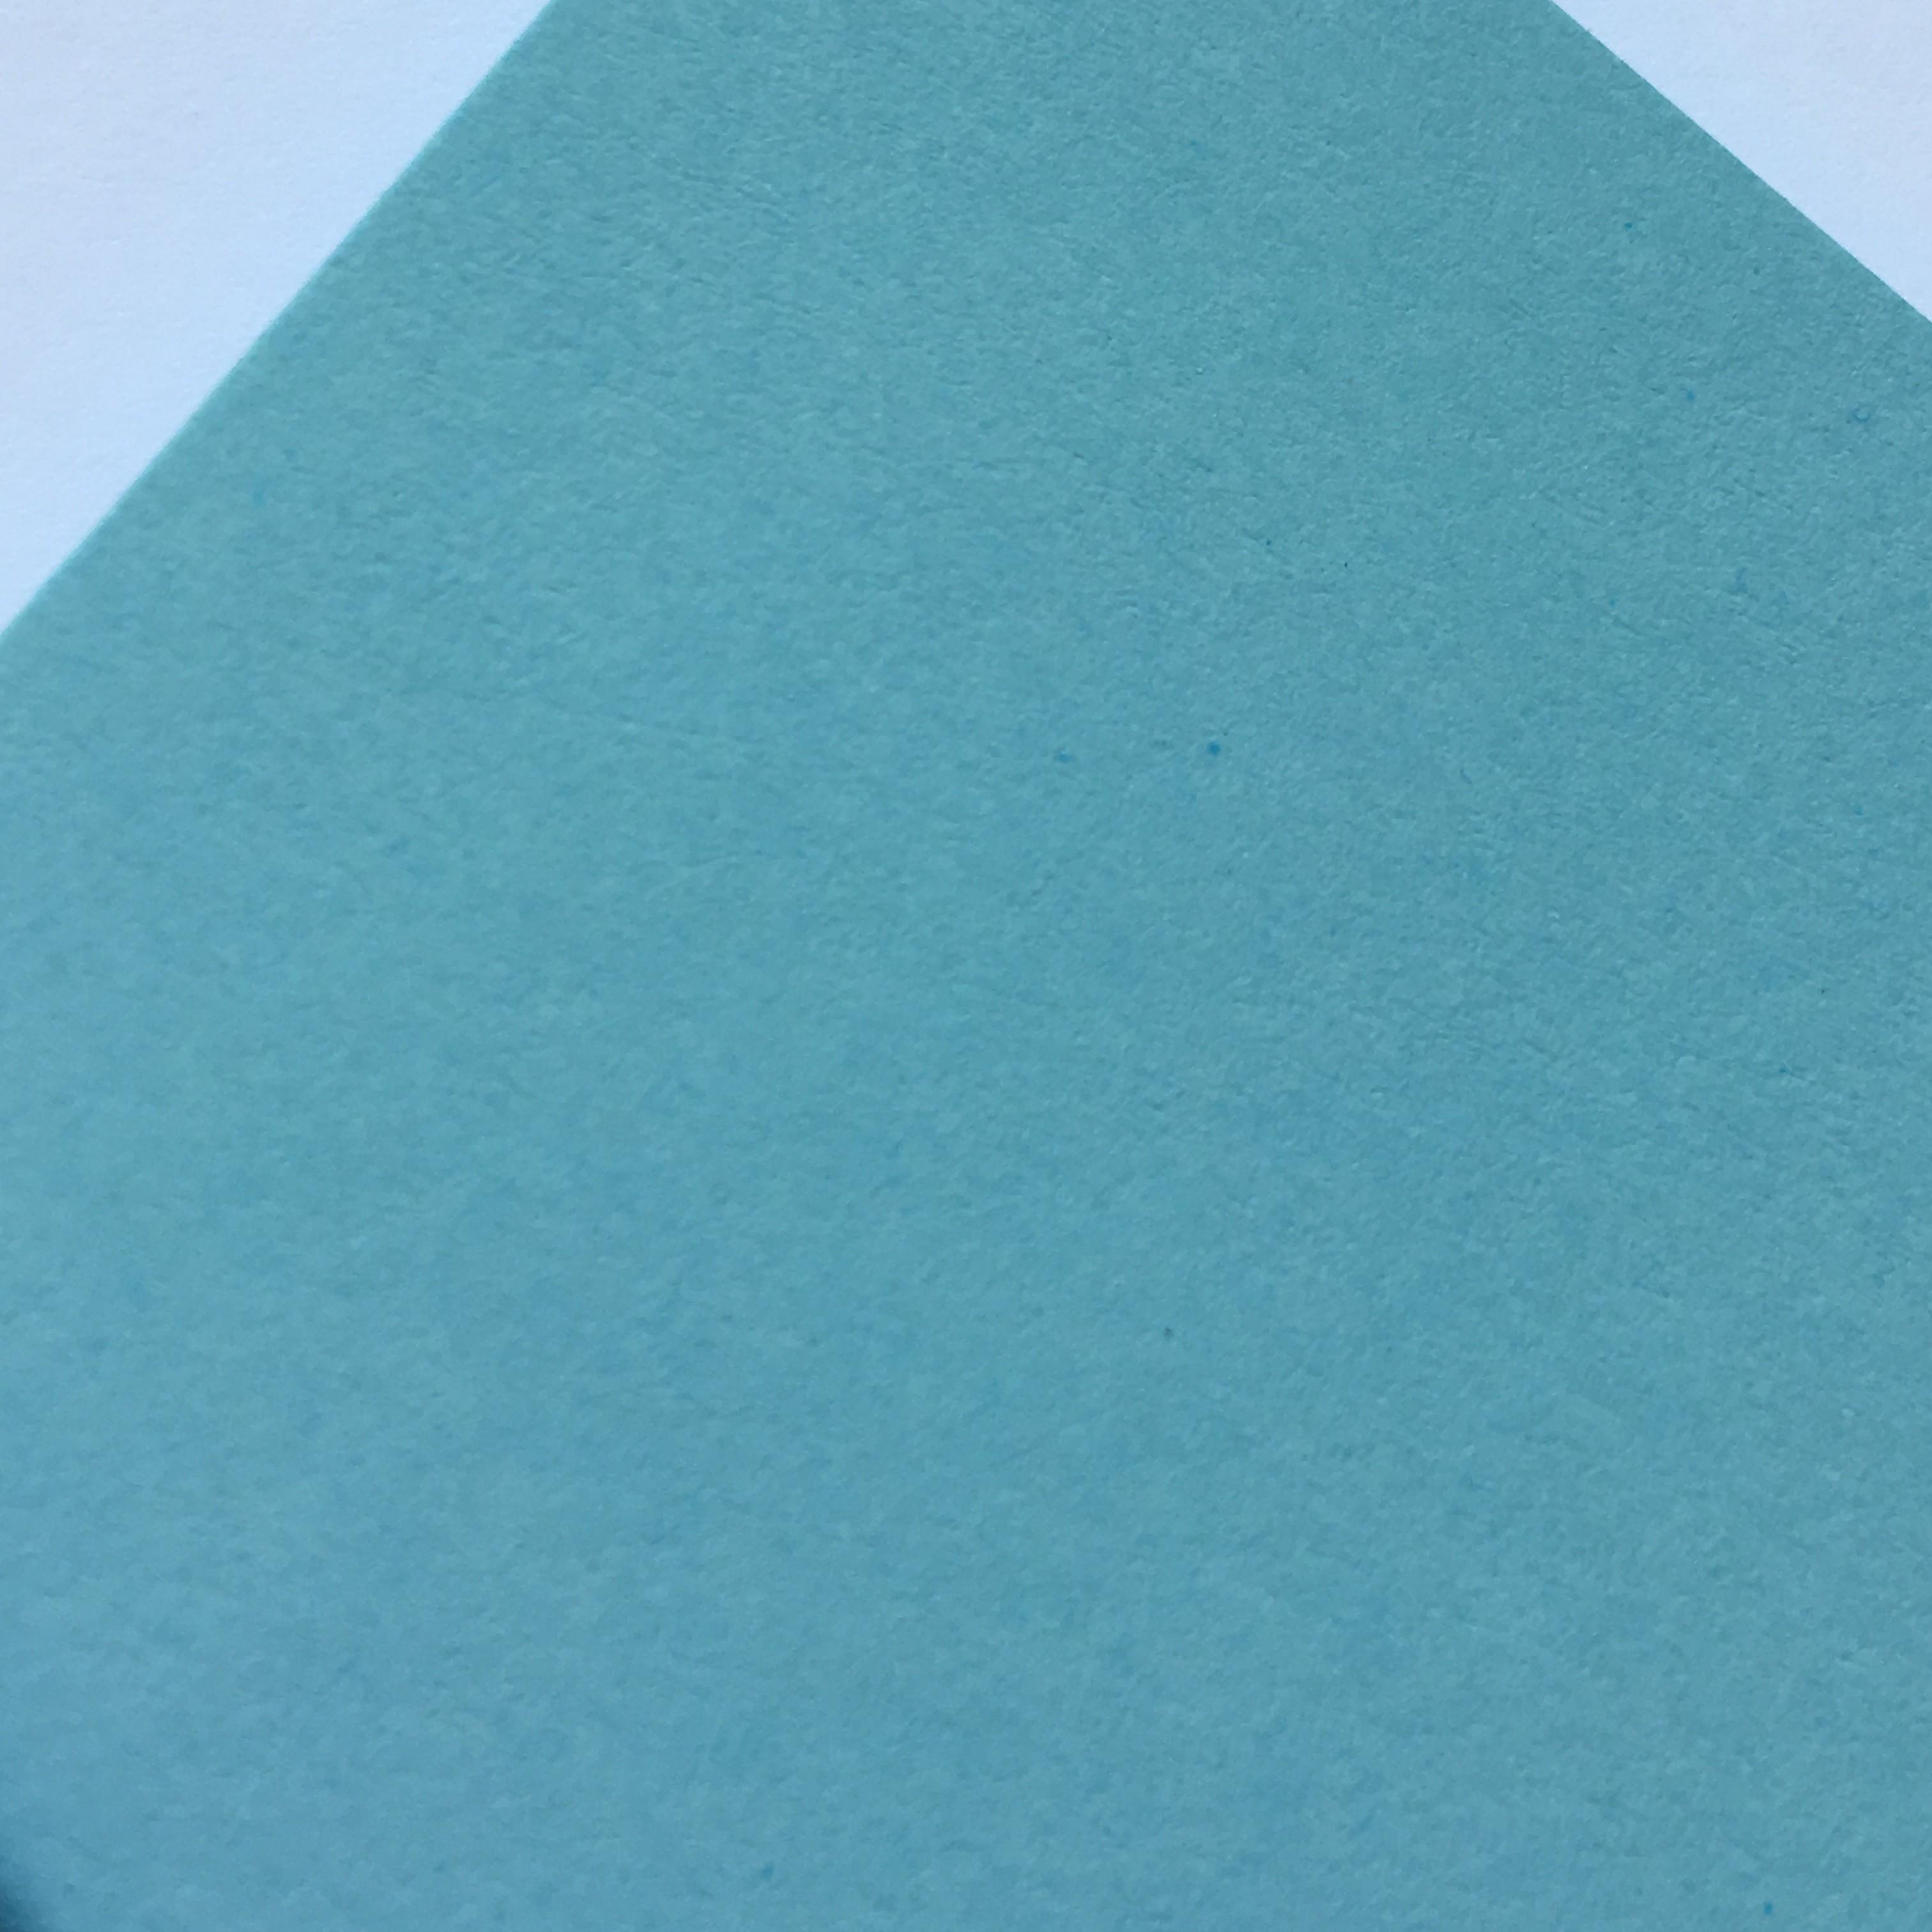 Бумага Sirio color celeste, 115г/м2, 30х30 см